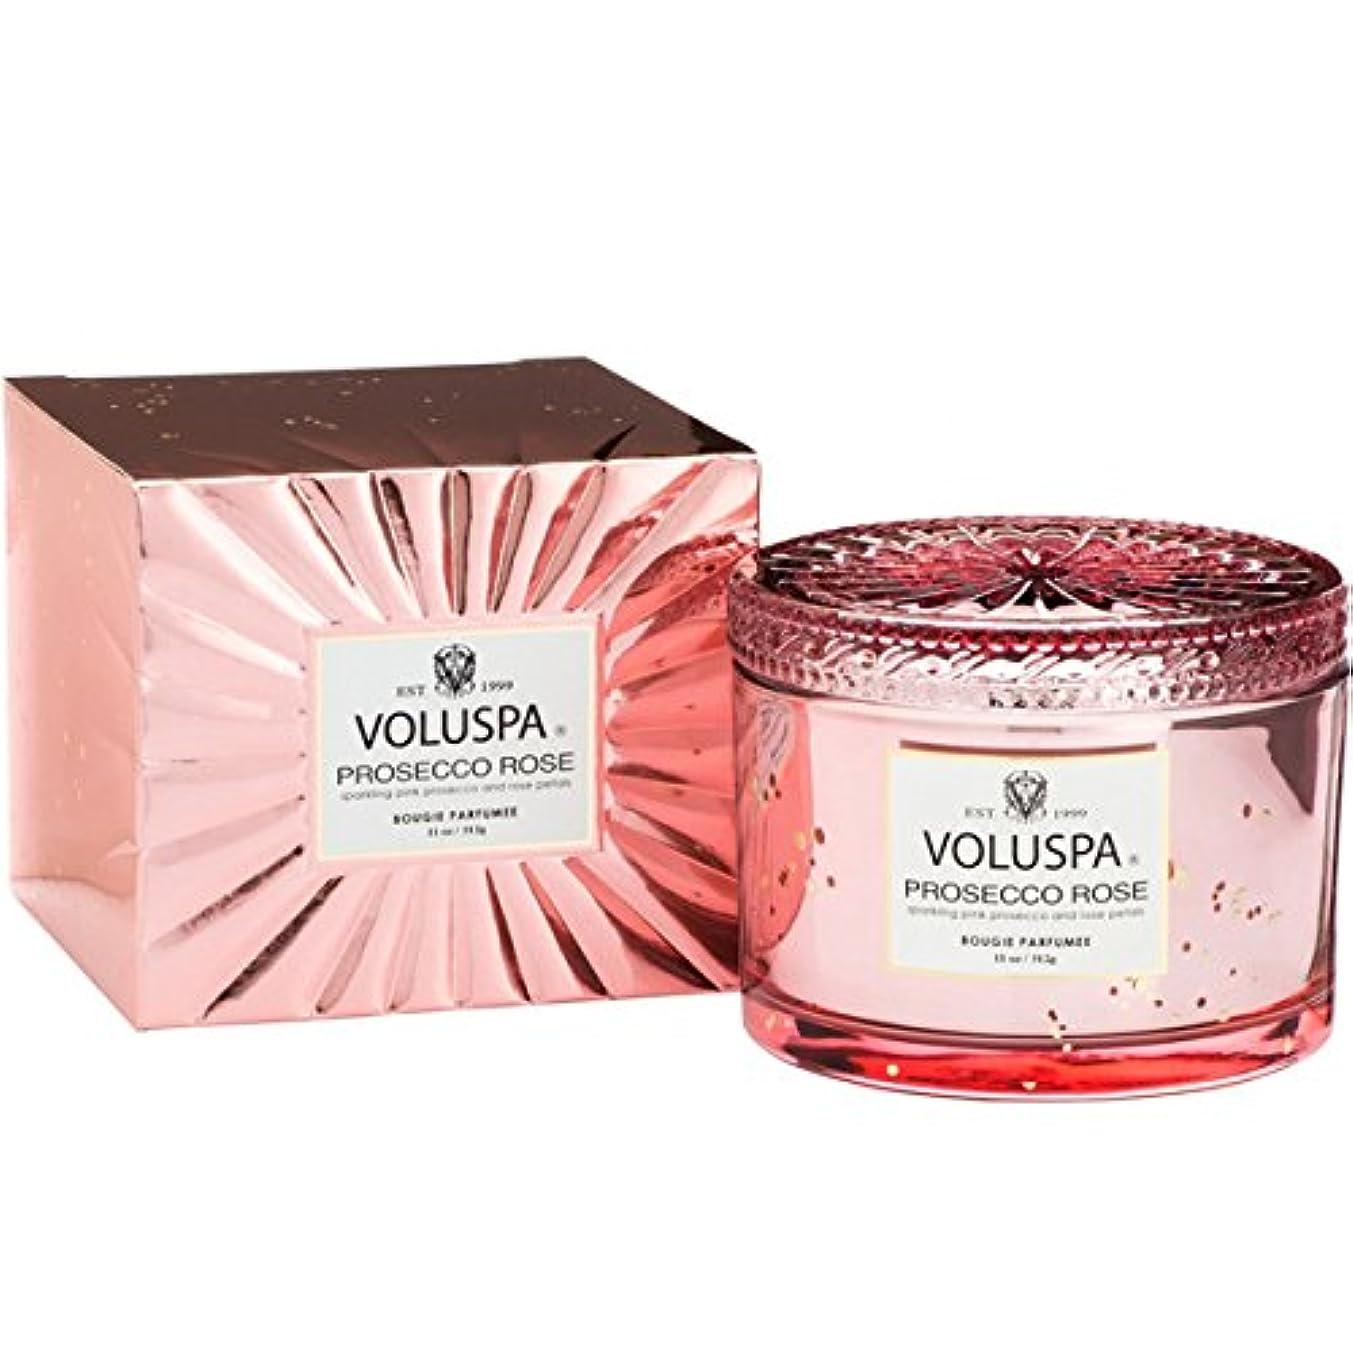 変形発症今日Voluspa ボルスパ ヴァーメイル ボックス入り グラスキャンドル フ?ロセッコロース? PROSECCO ROSE VERMEIL BOX Glass Candle